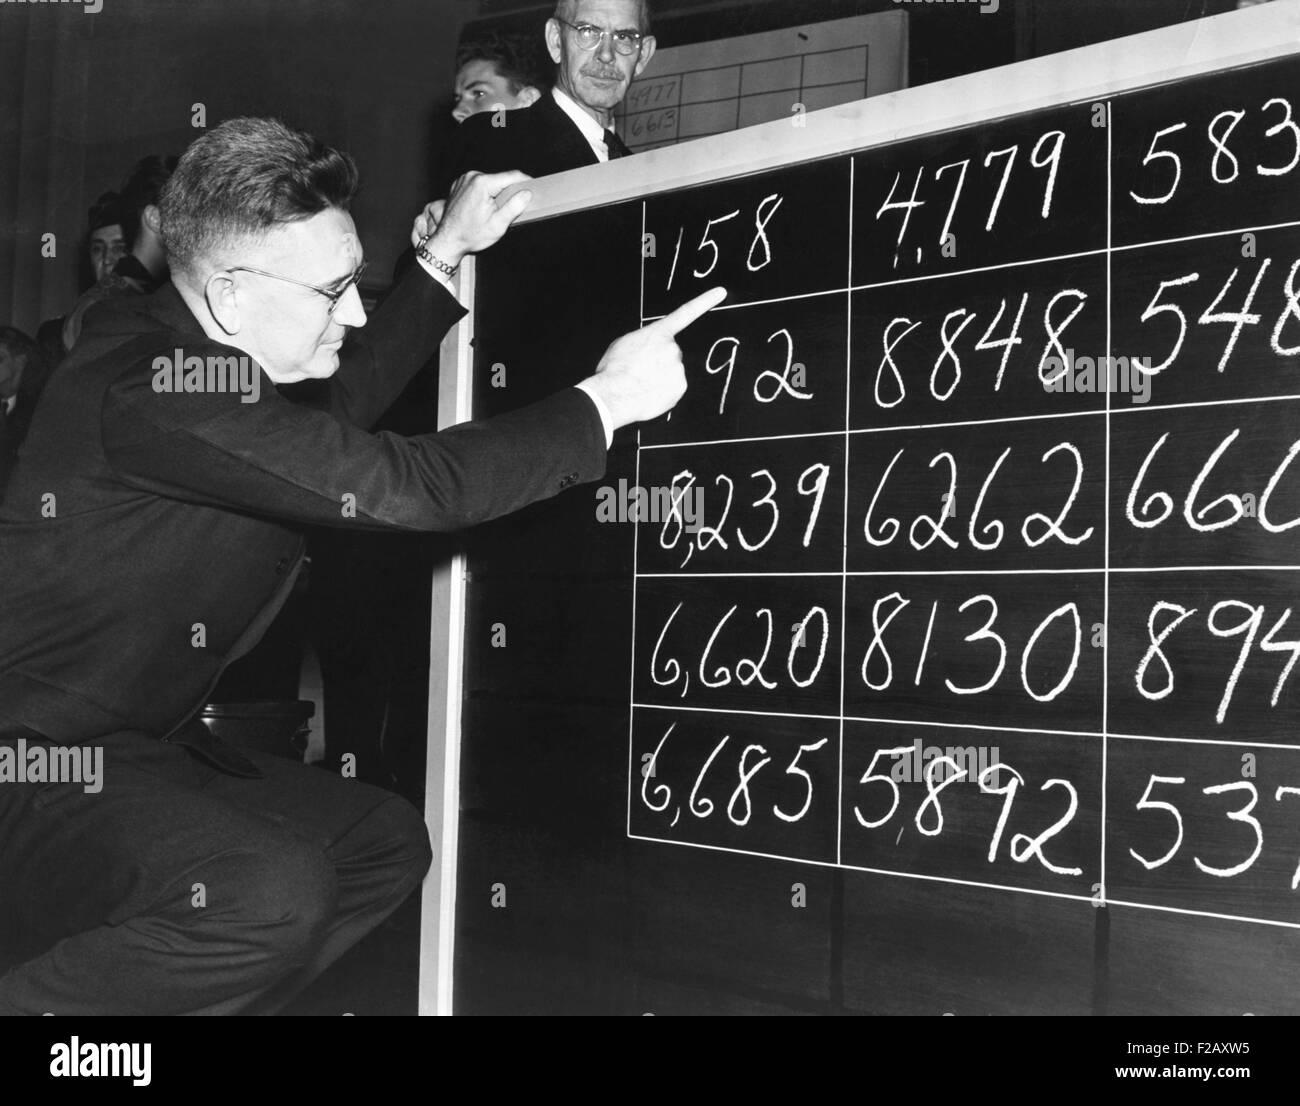 Le brig. Le général Lewis B. Hershey appelant les 15 premiers numéros appelés dans le projet Photo Stock